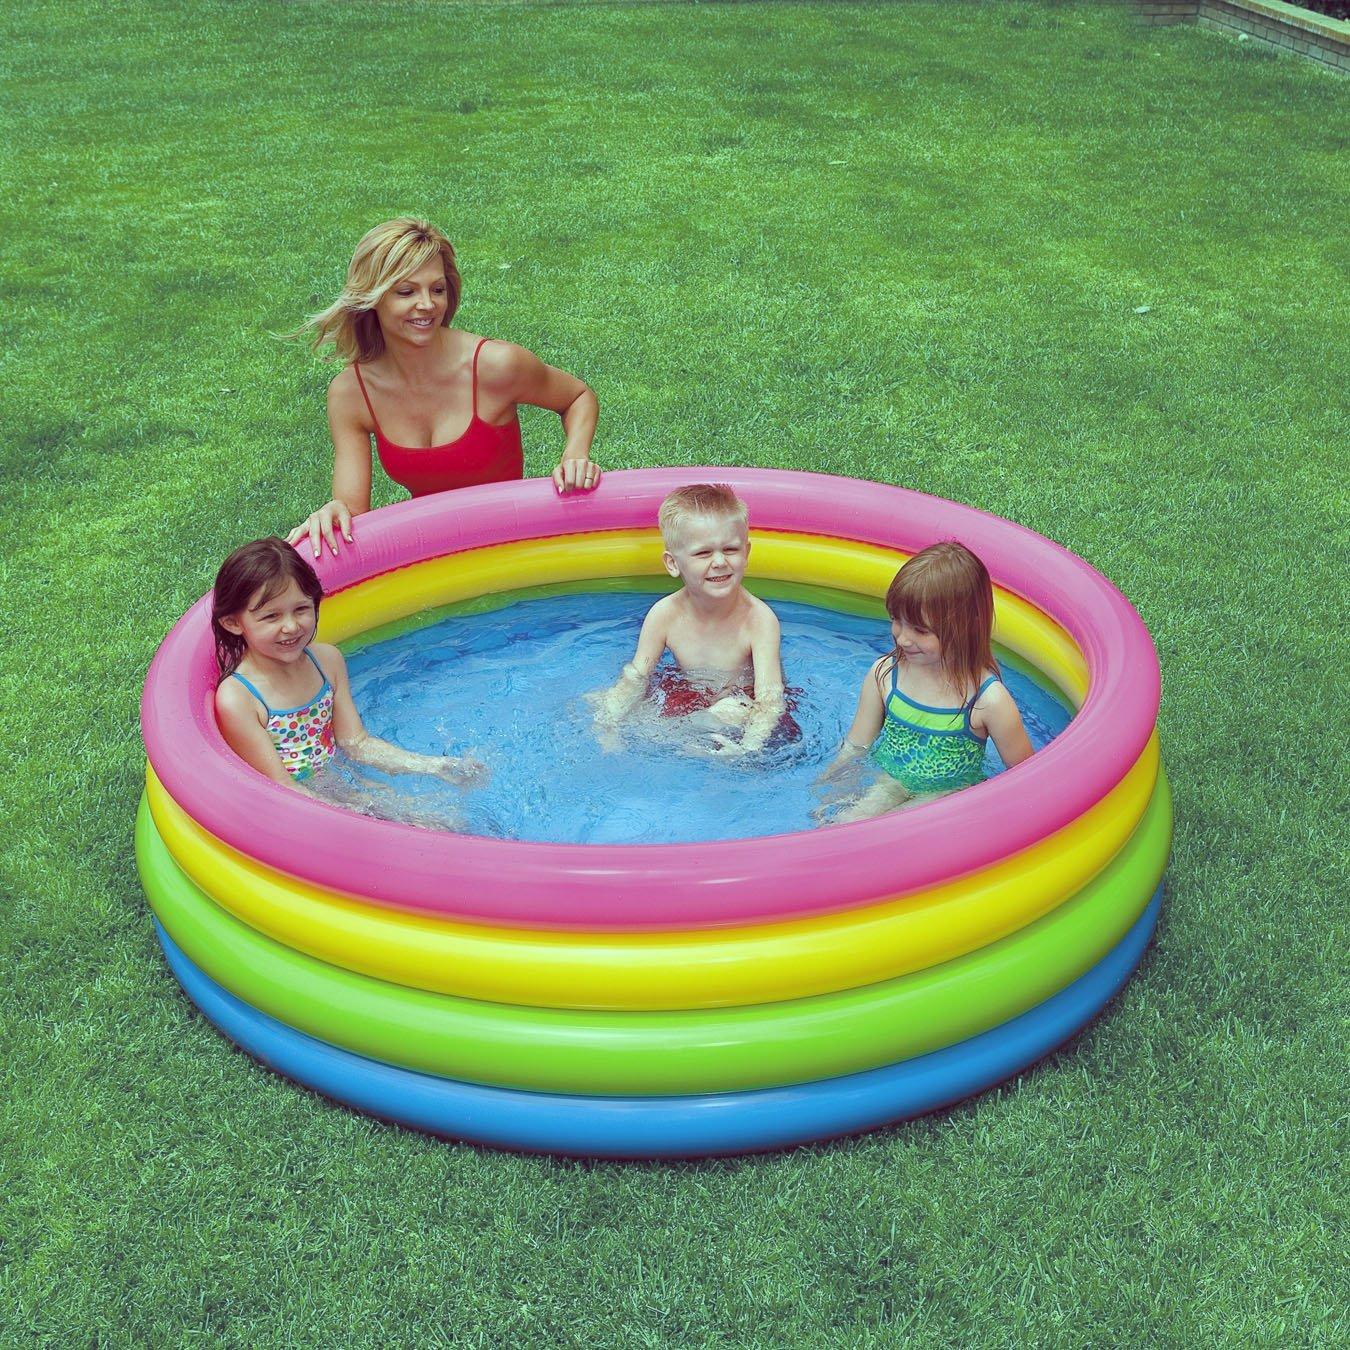 Bể bơi phao Intex 56441 thiết kế 4 tầng, chất liệu dày dặn, bền đẹp